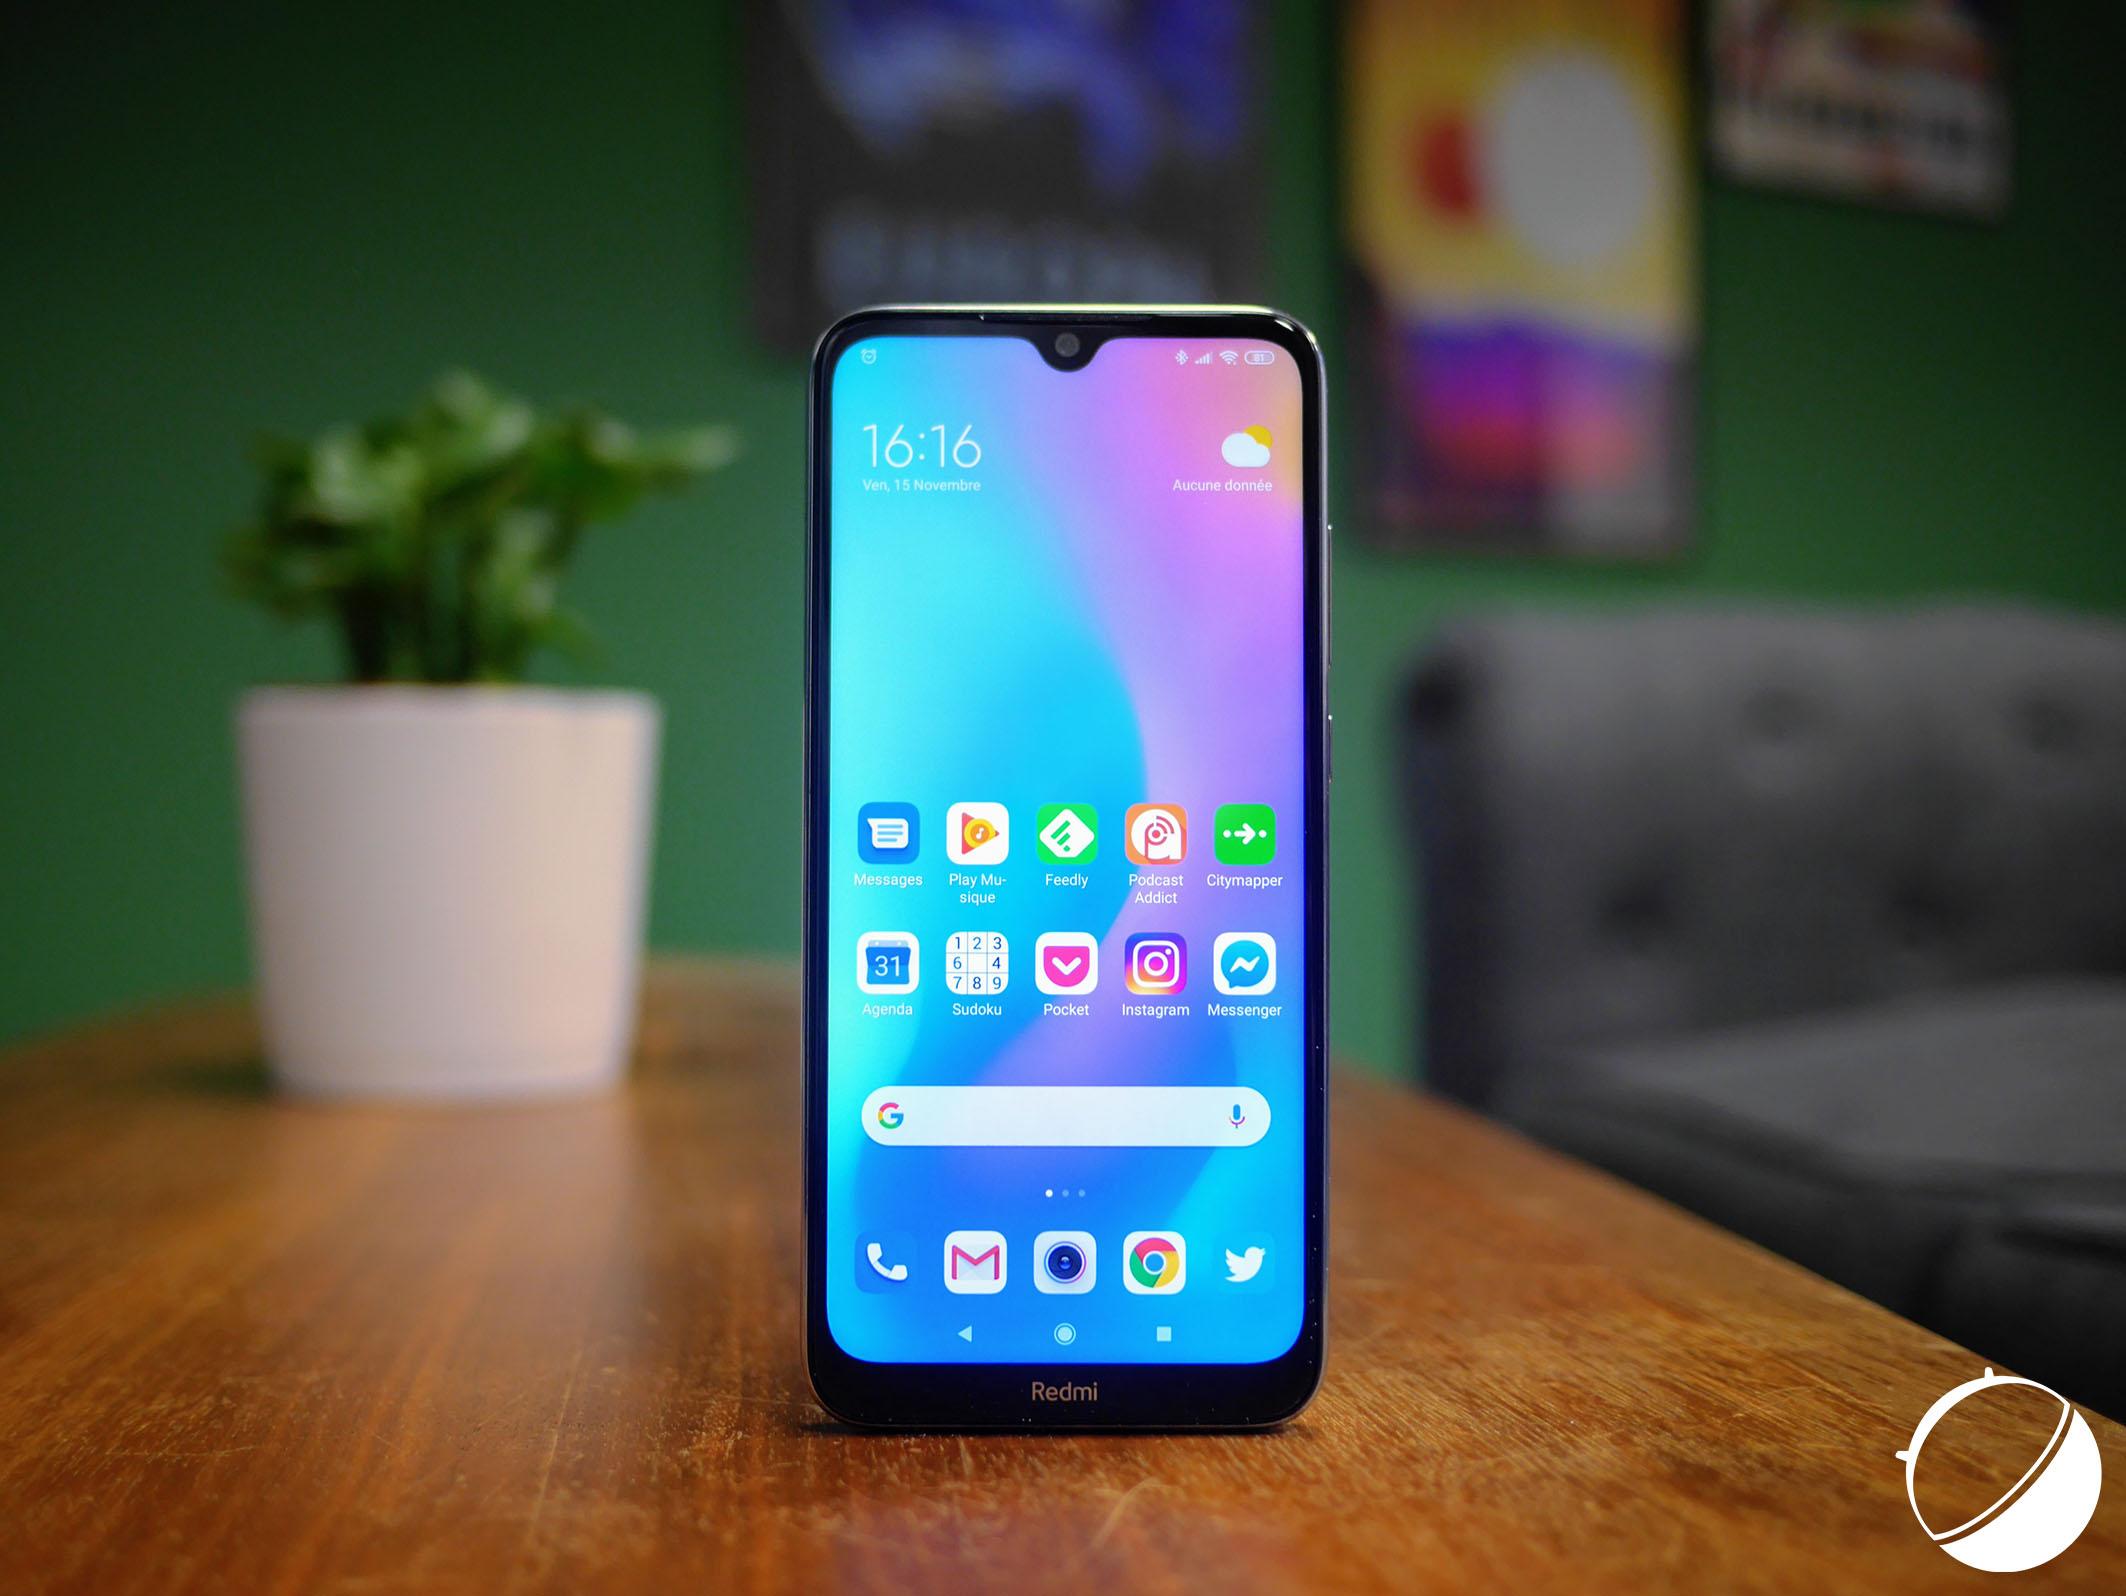 Les 3 meilleurs smartphones de décembre 2019 sur Frandroid